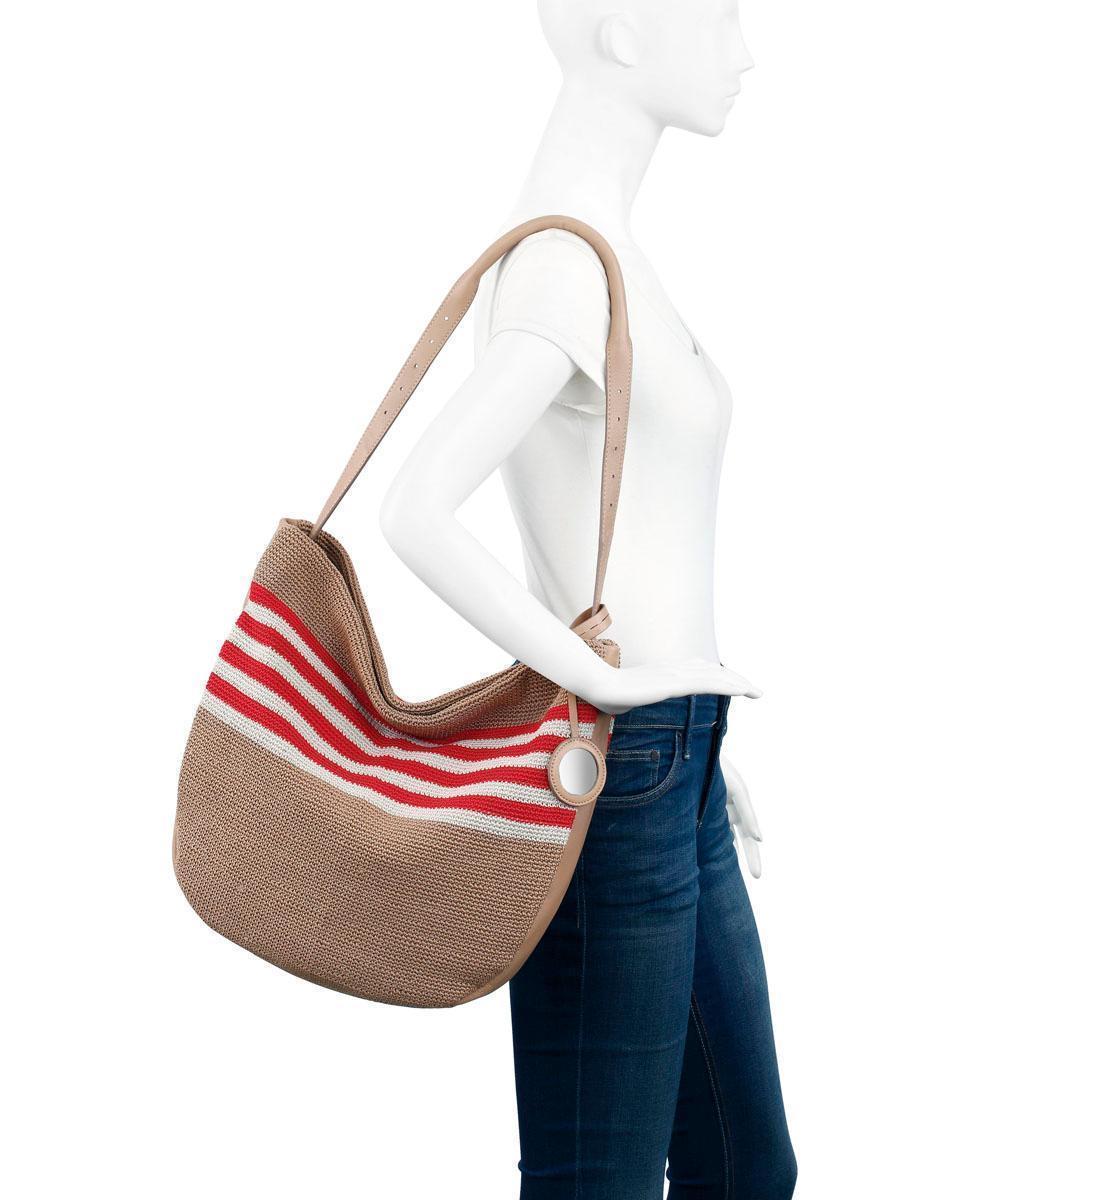 NEW THE SAK WOMEN S SOMA LARGE CROCHET HOBO SHOULDER BAG BEACH CABANA STRIPE 94f1f5868d401